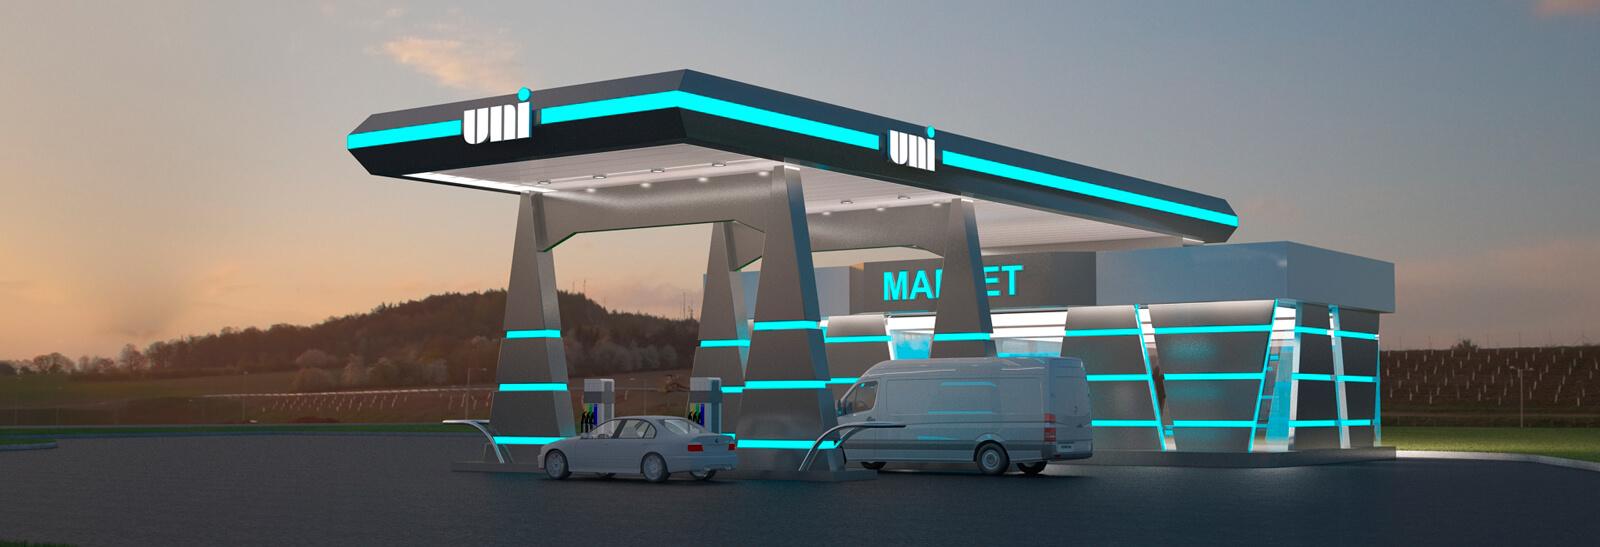 Дизайн проект большого авто заправочного комплекса в восточной части Украины